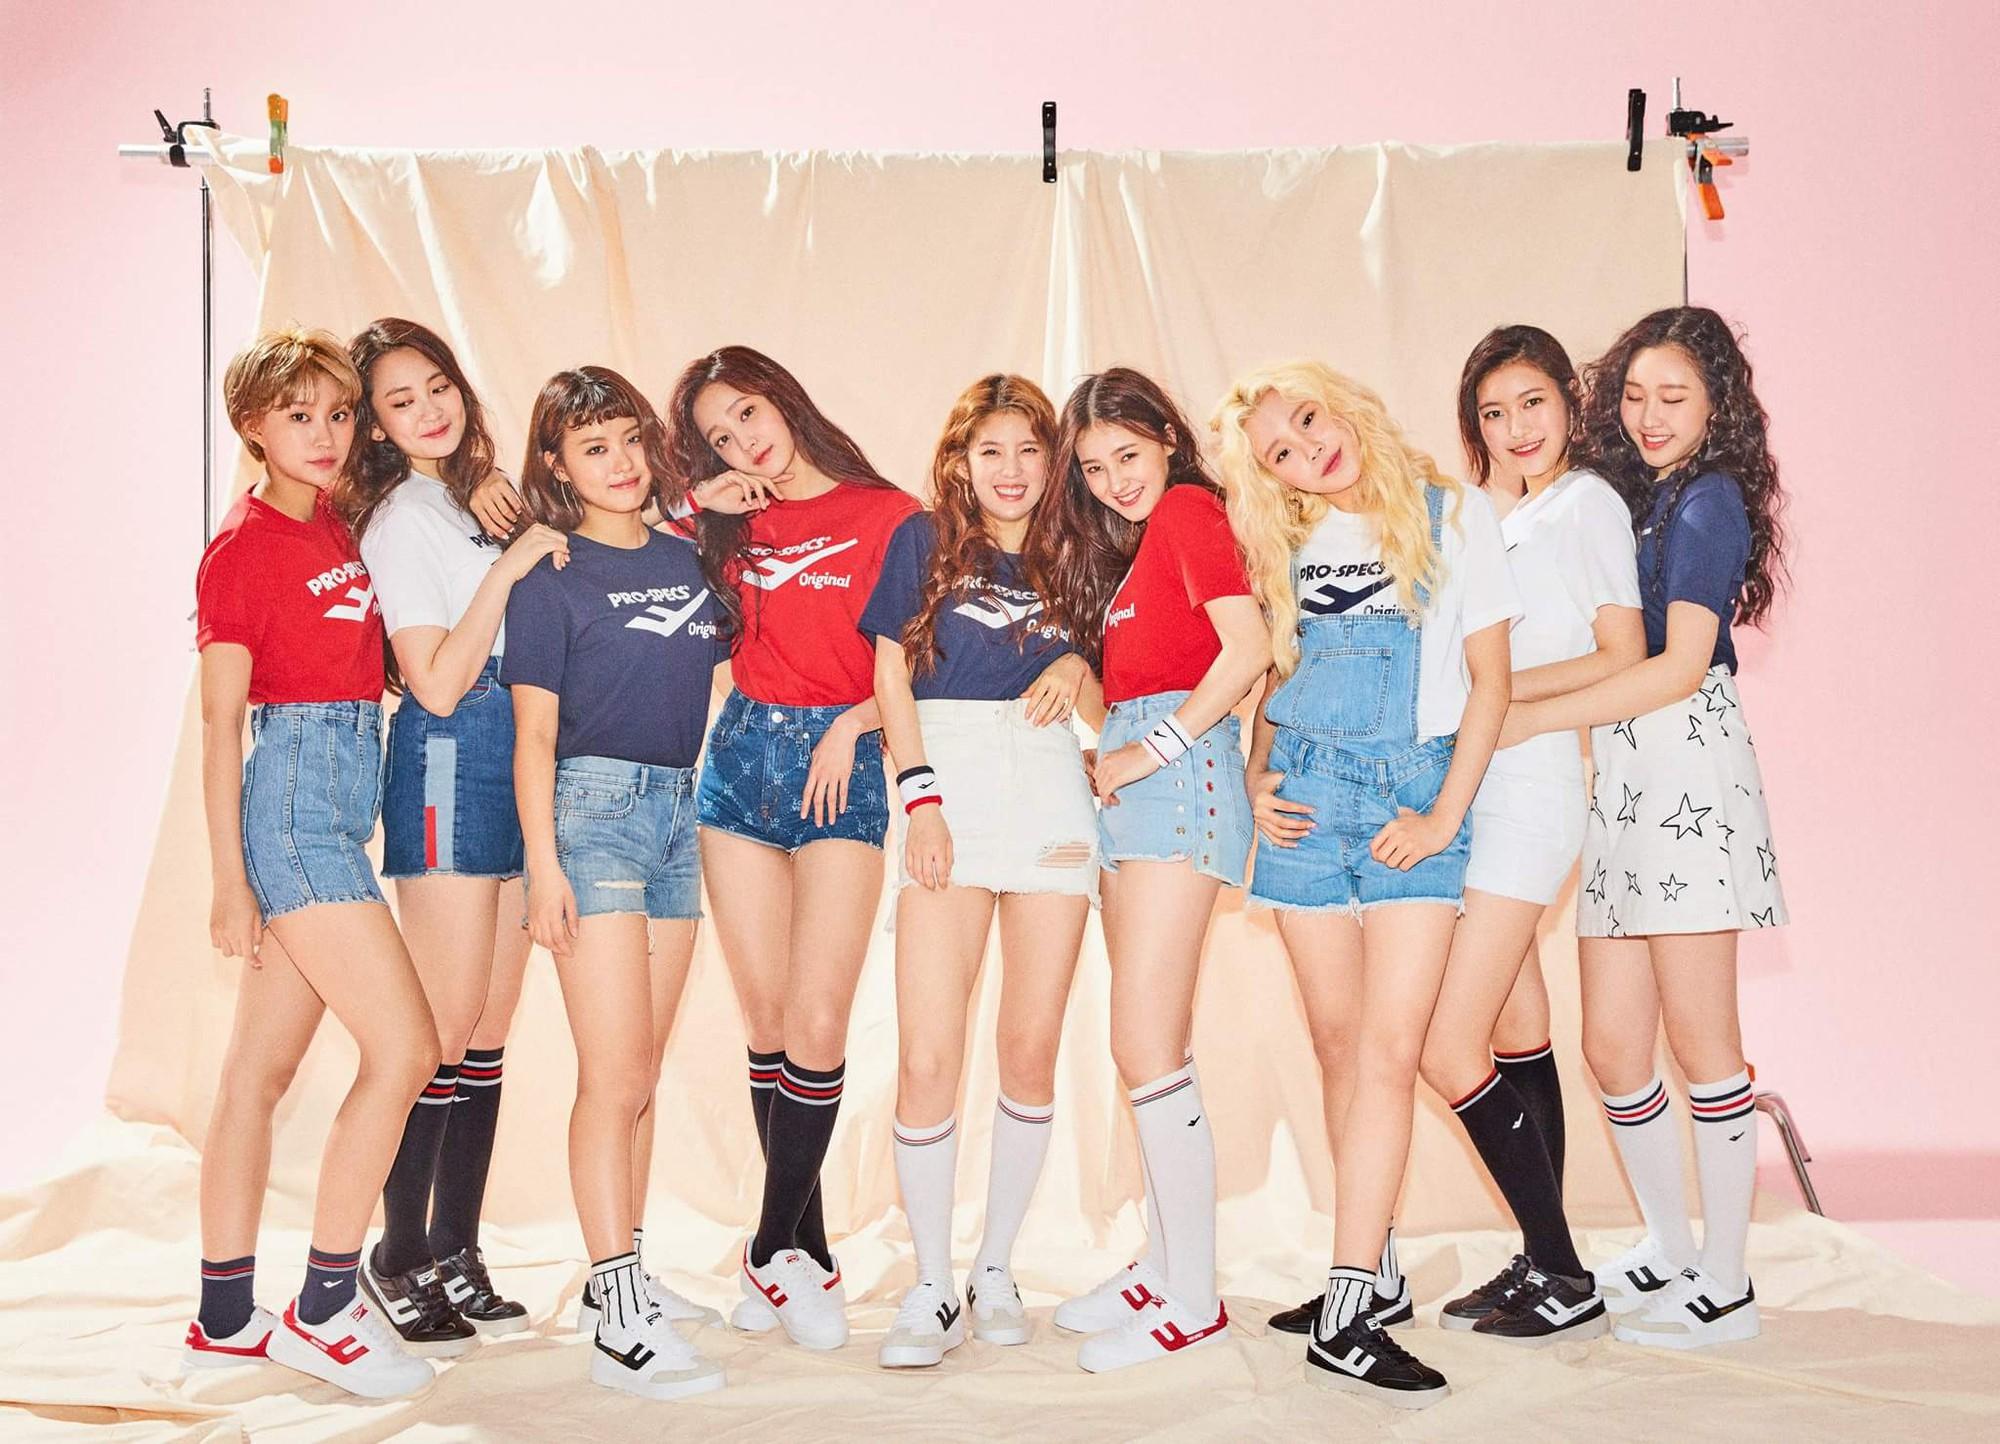 Black Pink đánh bật cả TWICE và Red Velvet, nhóm nữ sắp sang Việt Nam cũng lọt top đầu BXH girlgroup hot nhất - Ảnh 6.